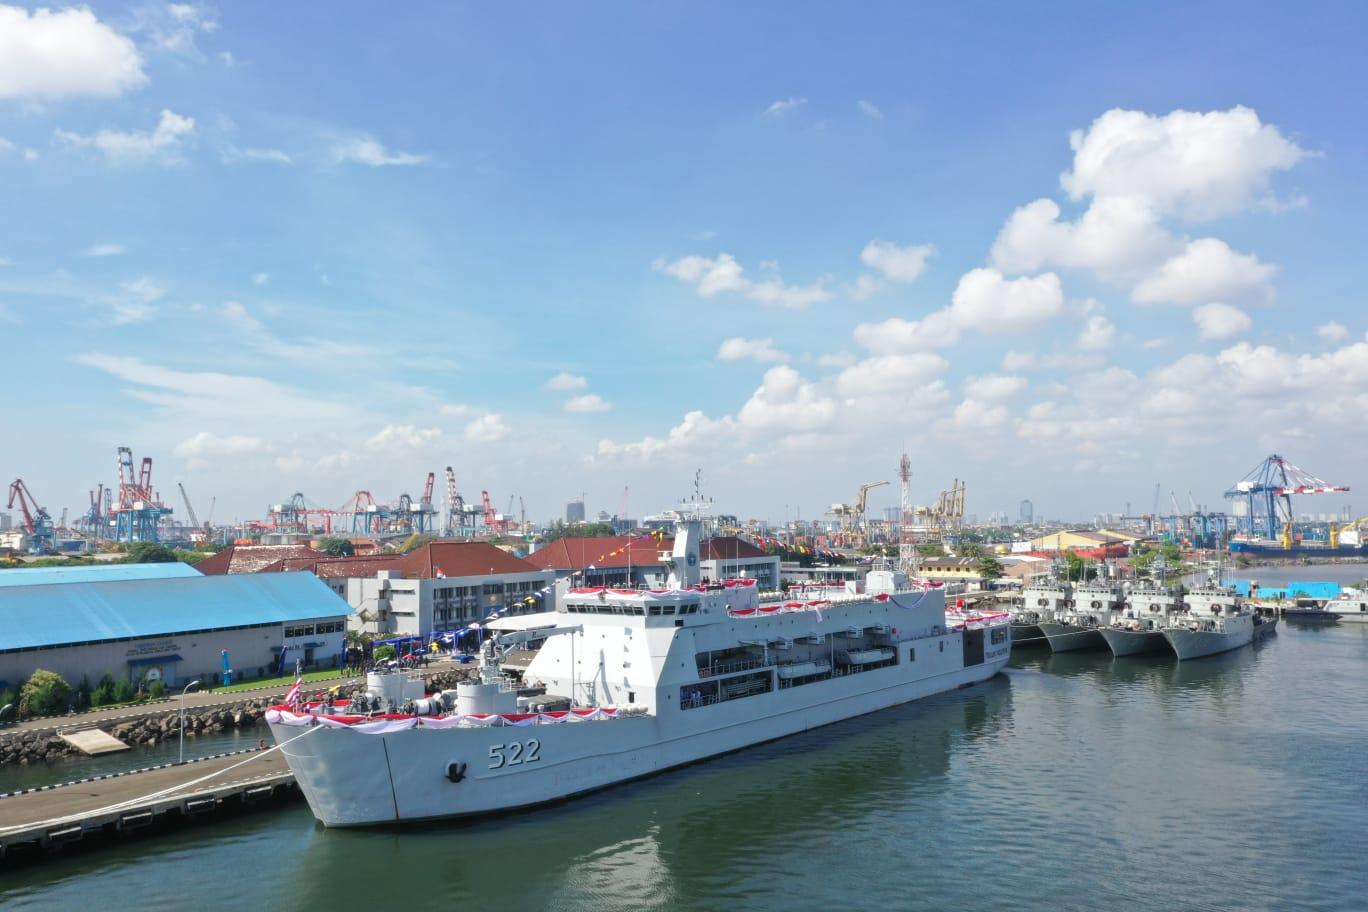 https://www.navalnews.com/wp-content/uploads/2021/07/Indonesian-Navys-Teluk-Bintuni-class-LST.jpg